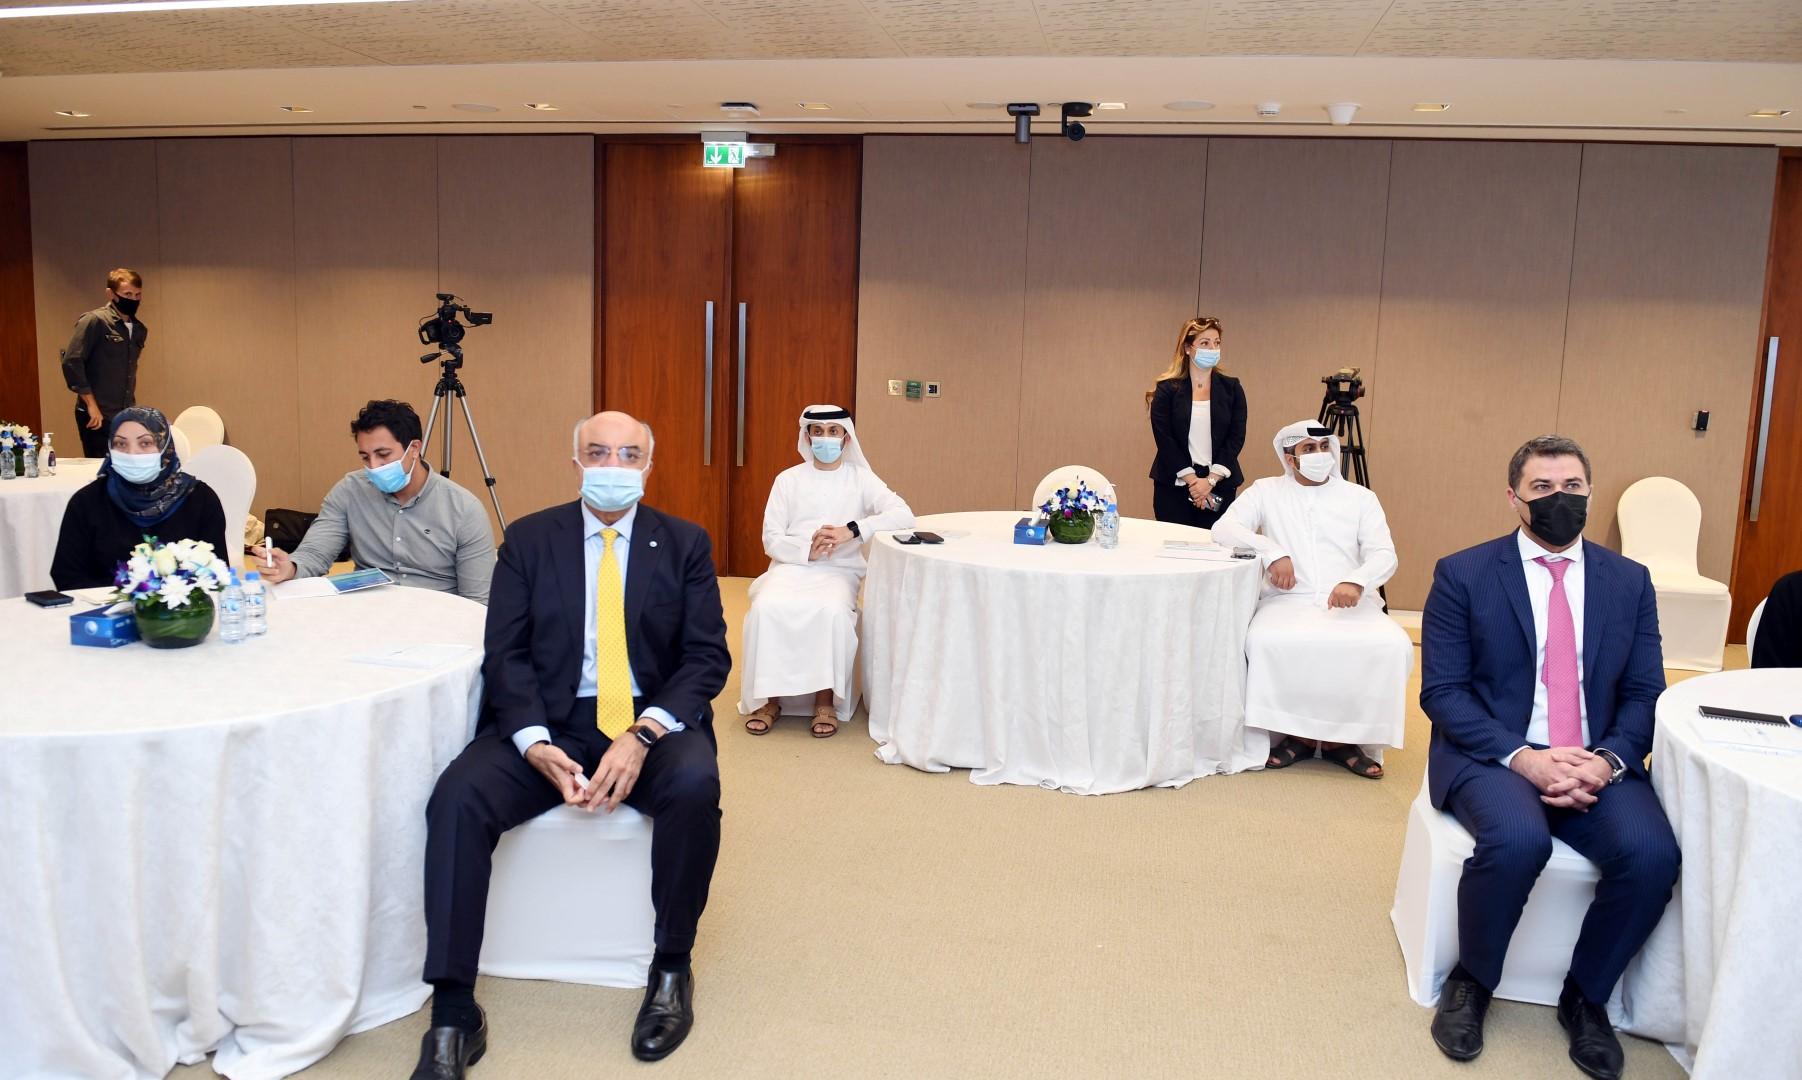 الإسلامي أول مصرف إماراتي يتيح لعملائه خدمة التعرف على الوجه لفتح حساب بطريقة سريعة وآمنة.2 (large) (1).jpg